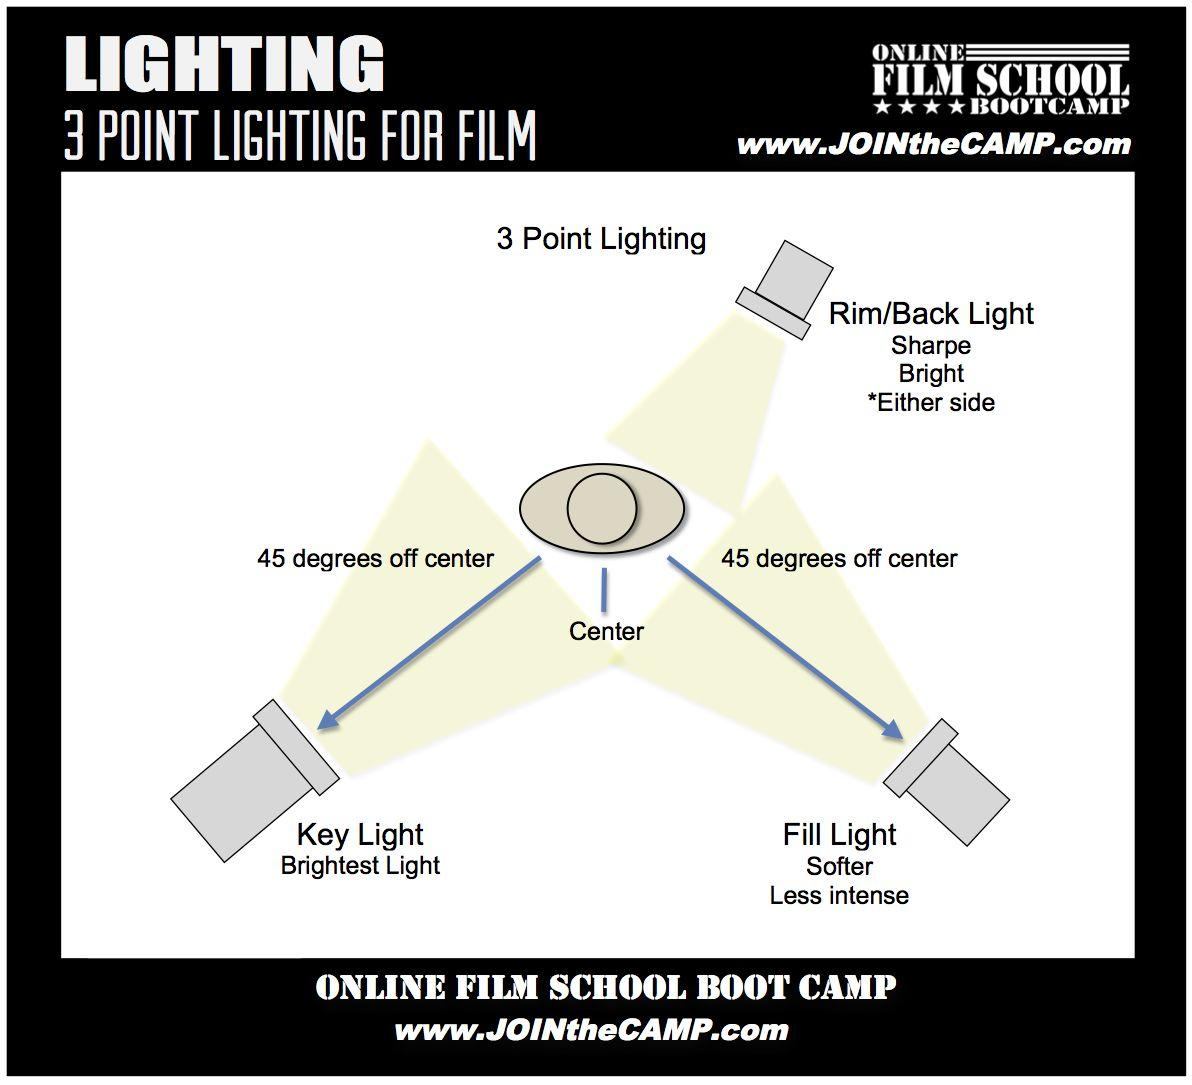 3 point lighting for filmmaking film school boot camp pinterest rh pinterest com